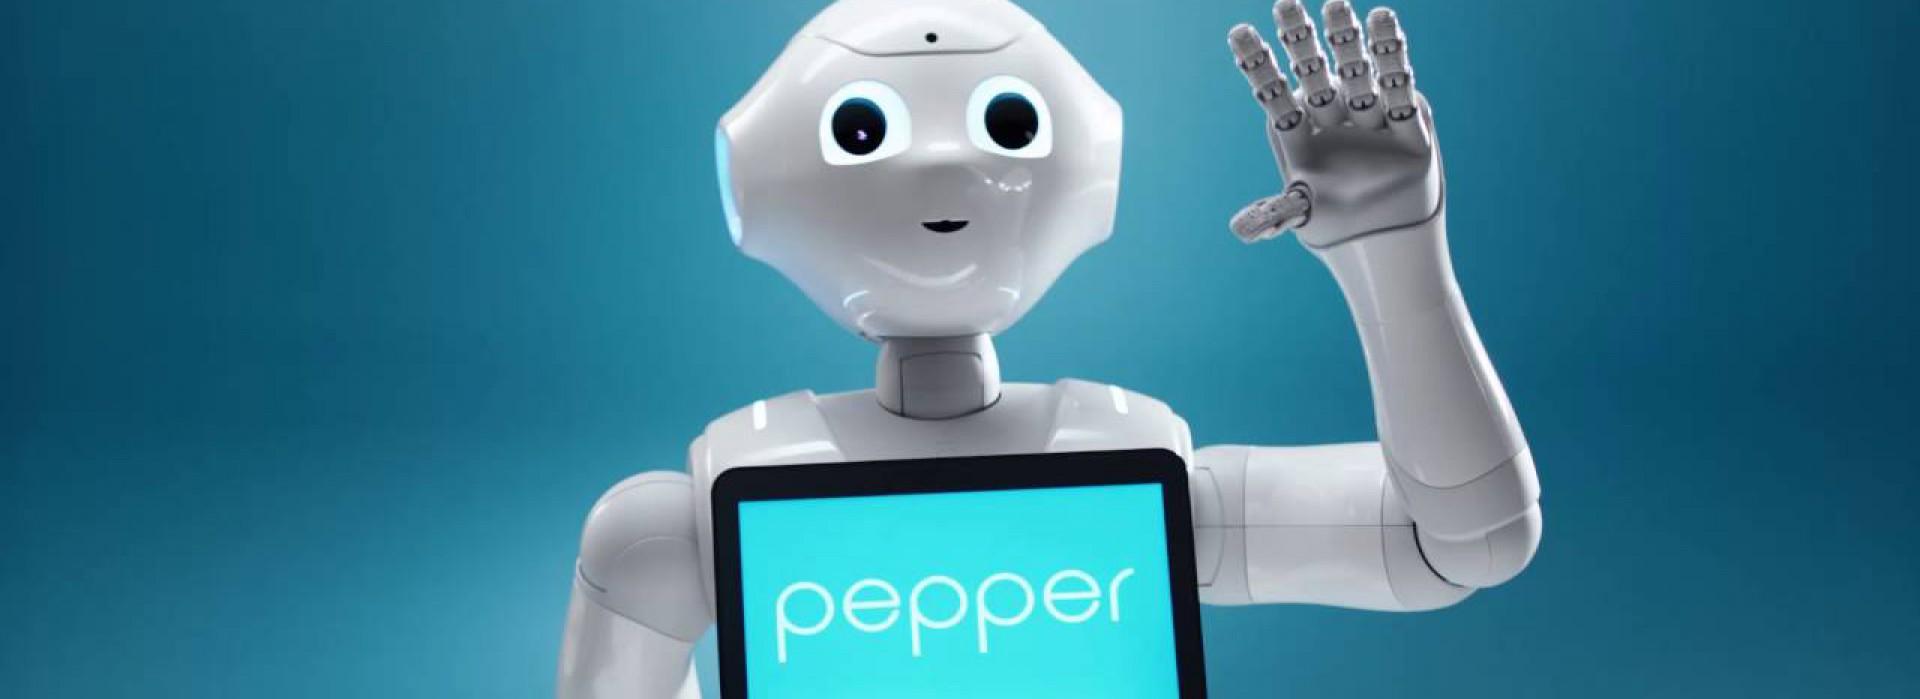 tirdzniecības robotu jaunumi